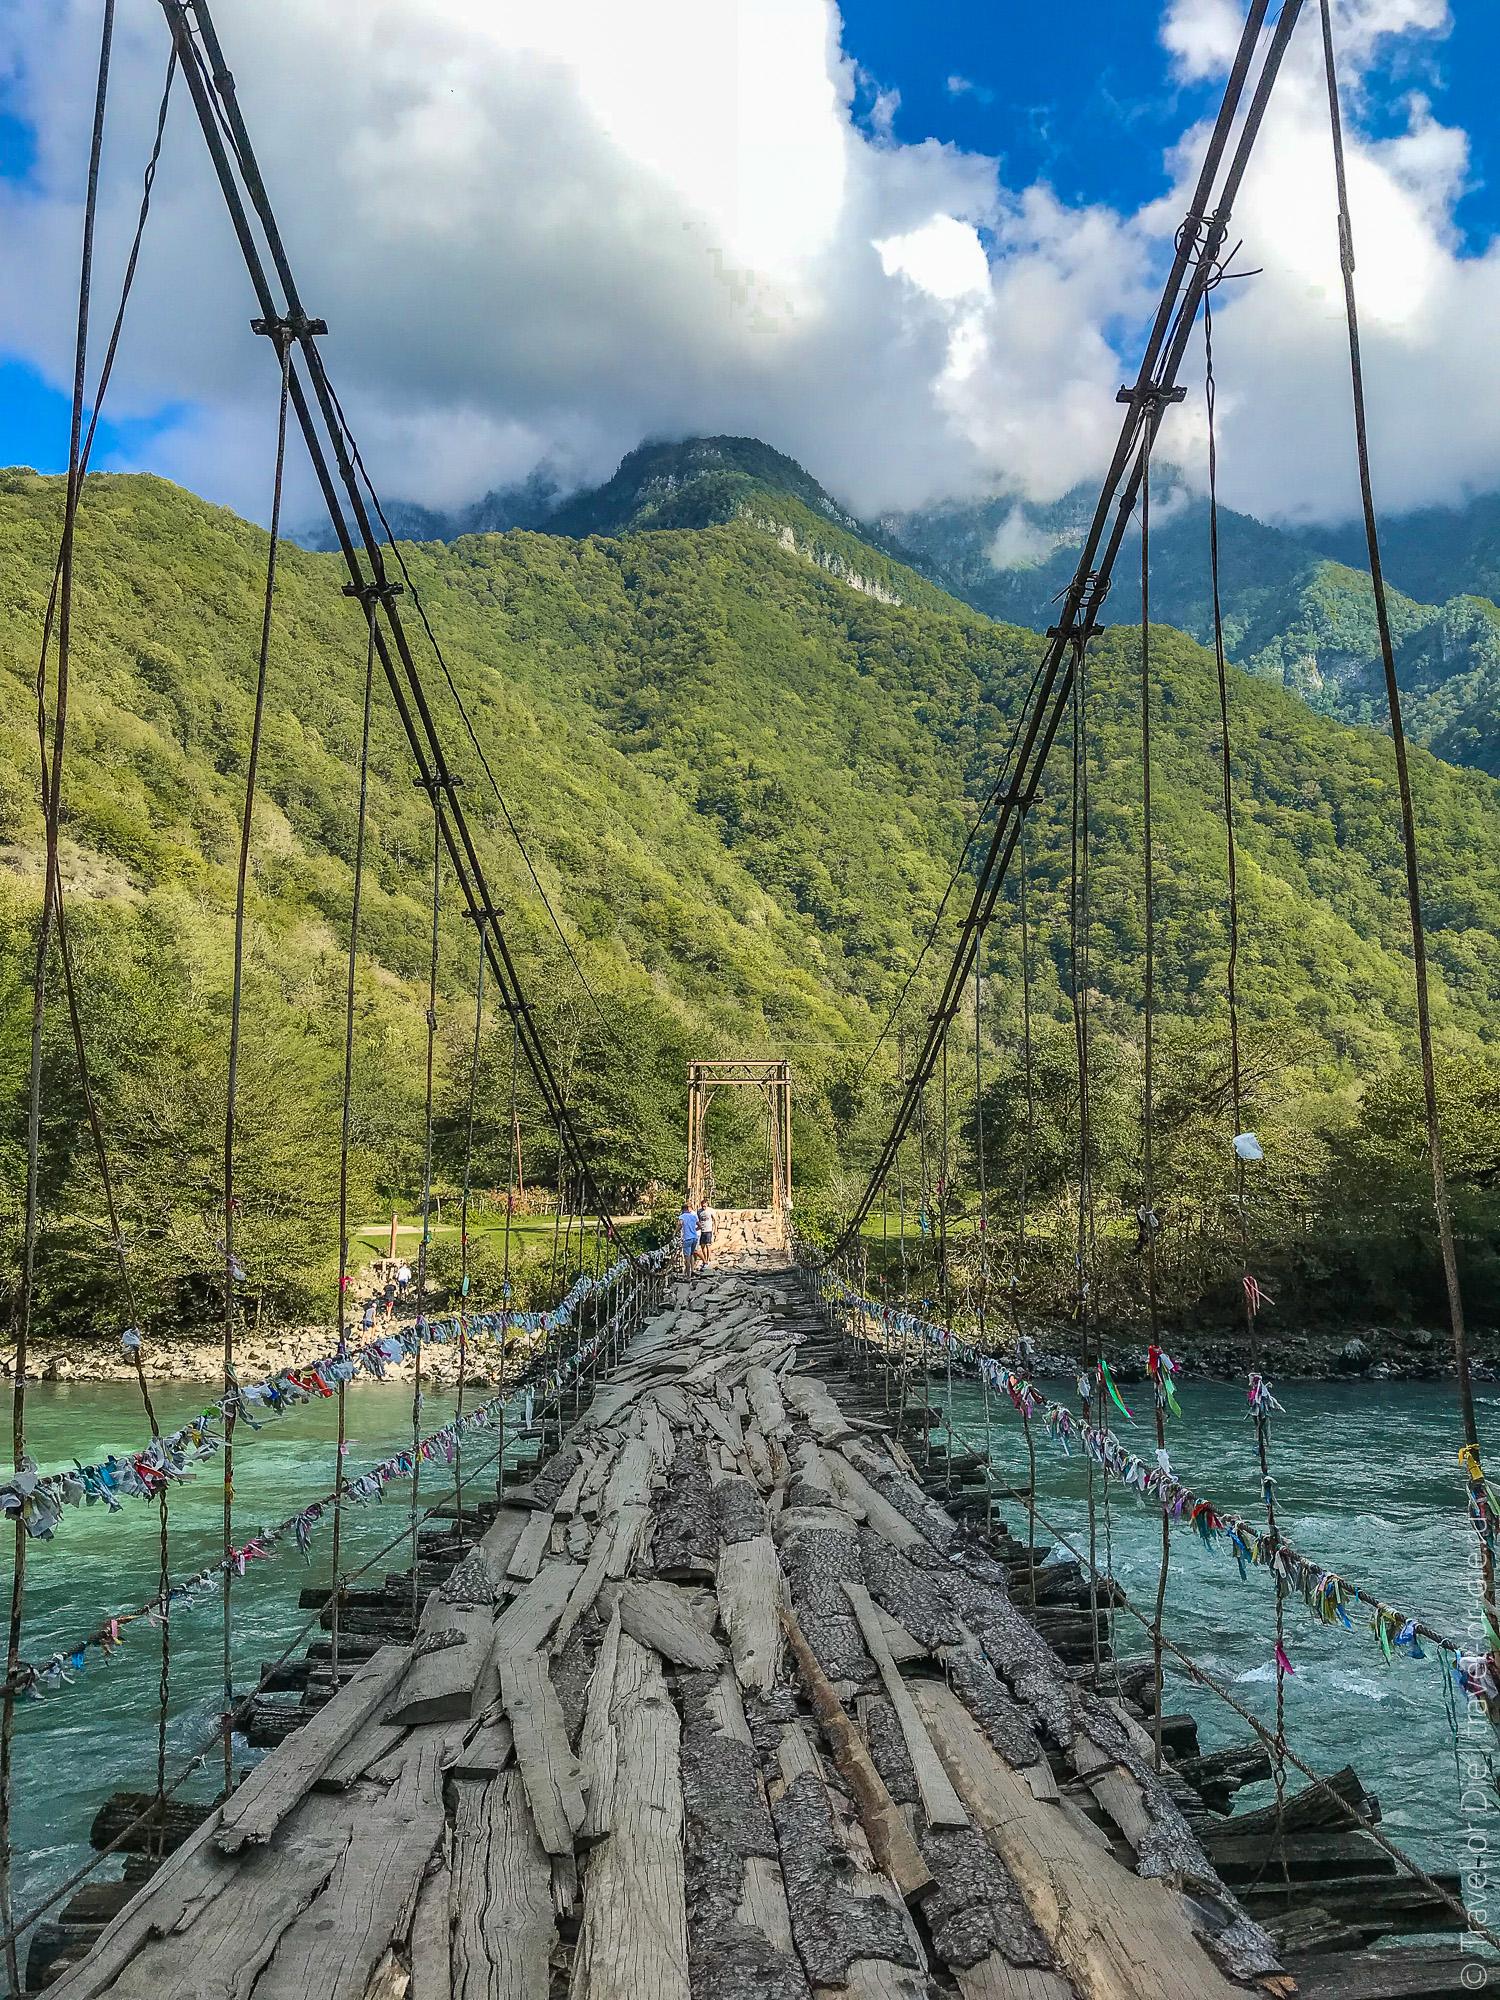 Lake-Ritsa-Abkhazia-Озеро-Рица-Абхазия-7548